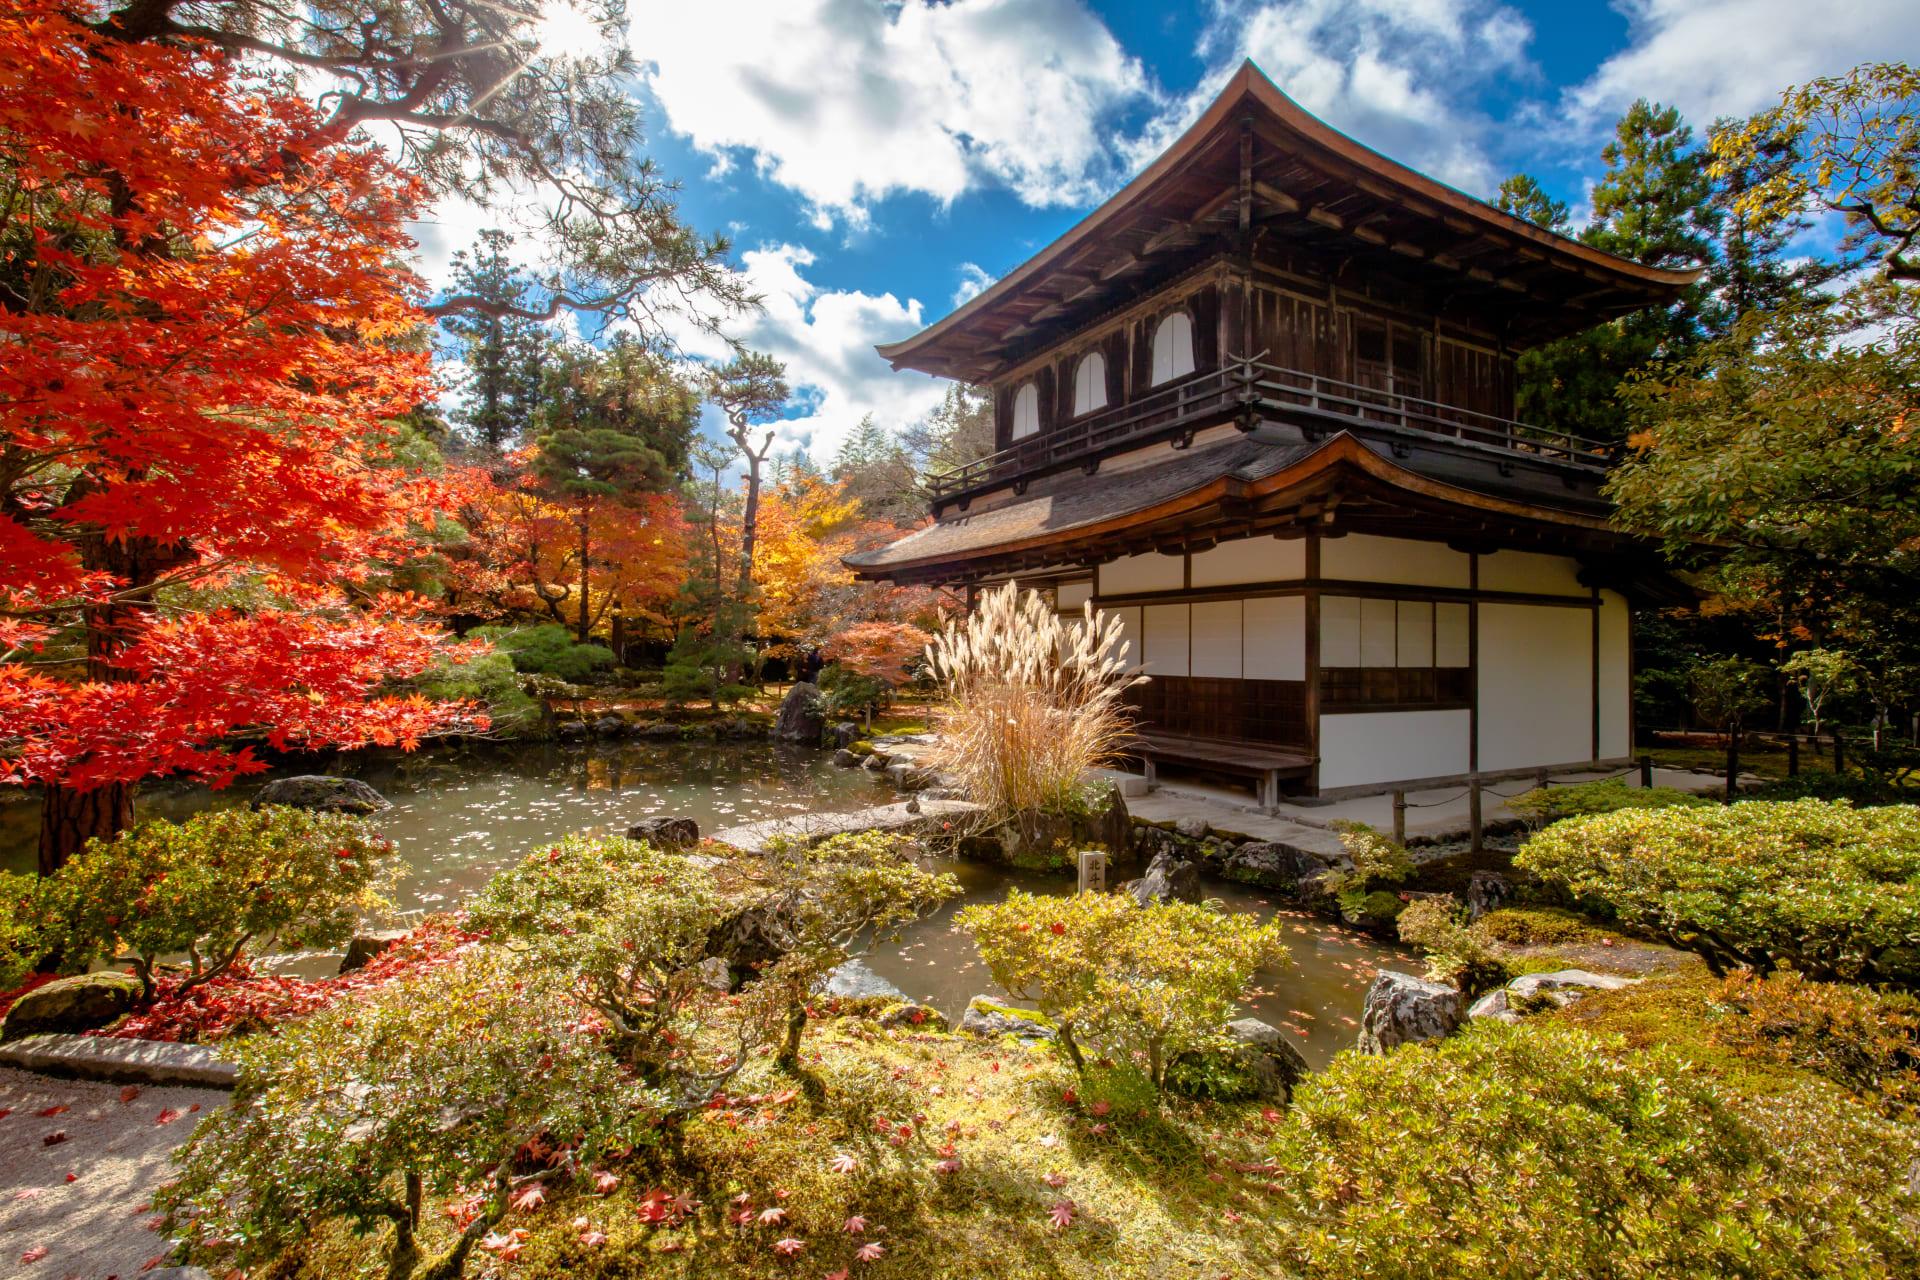 Kyoto - Explore Zen and Practice Zen at Kyoto's Zen Buddhist Temple